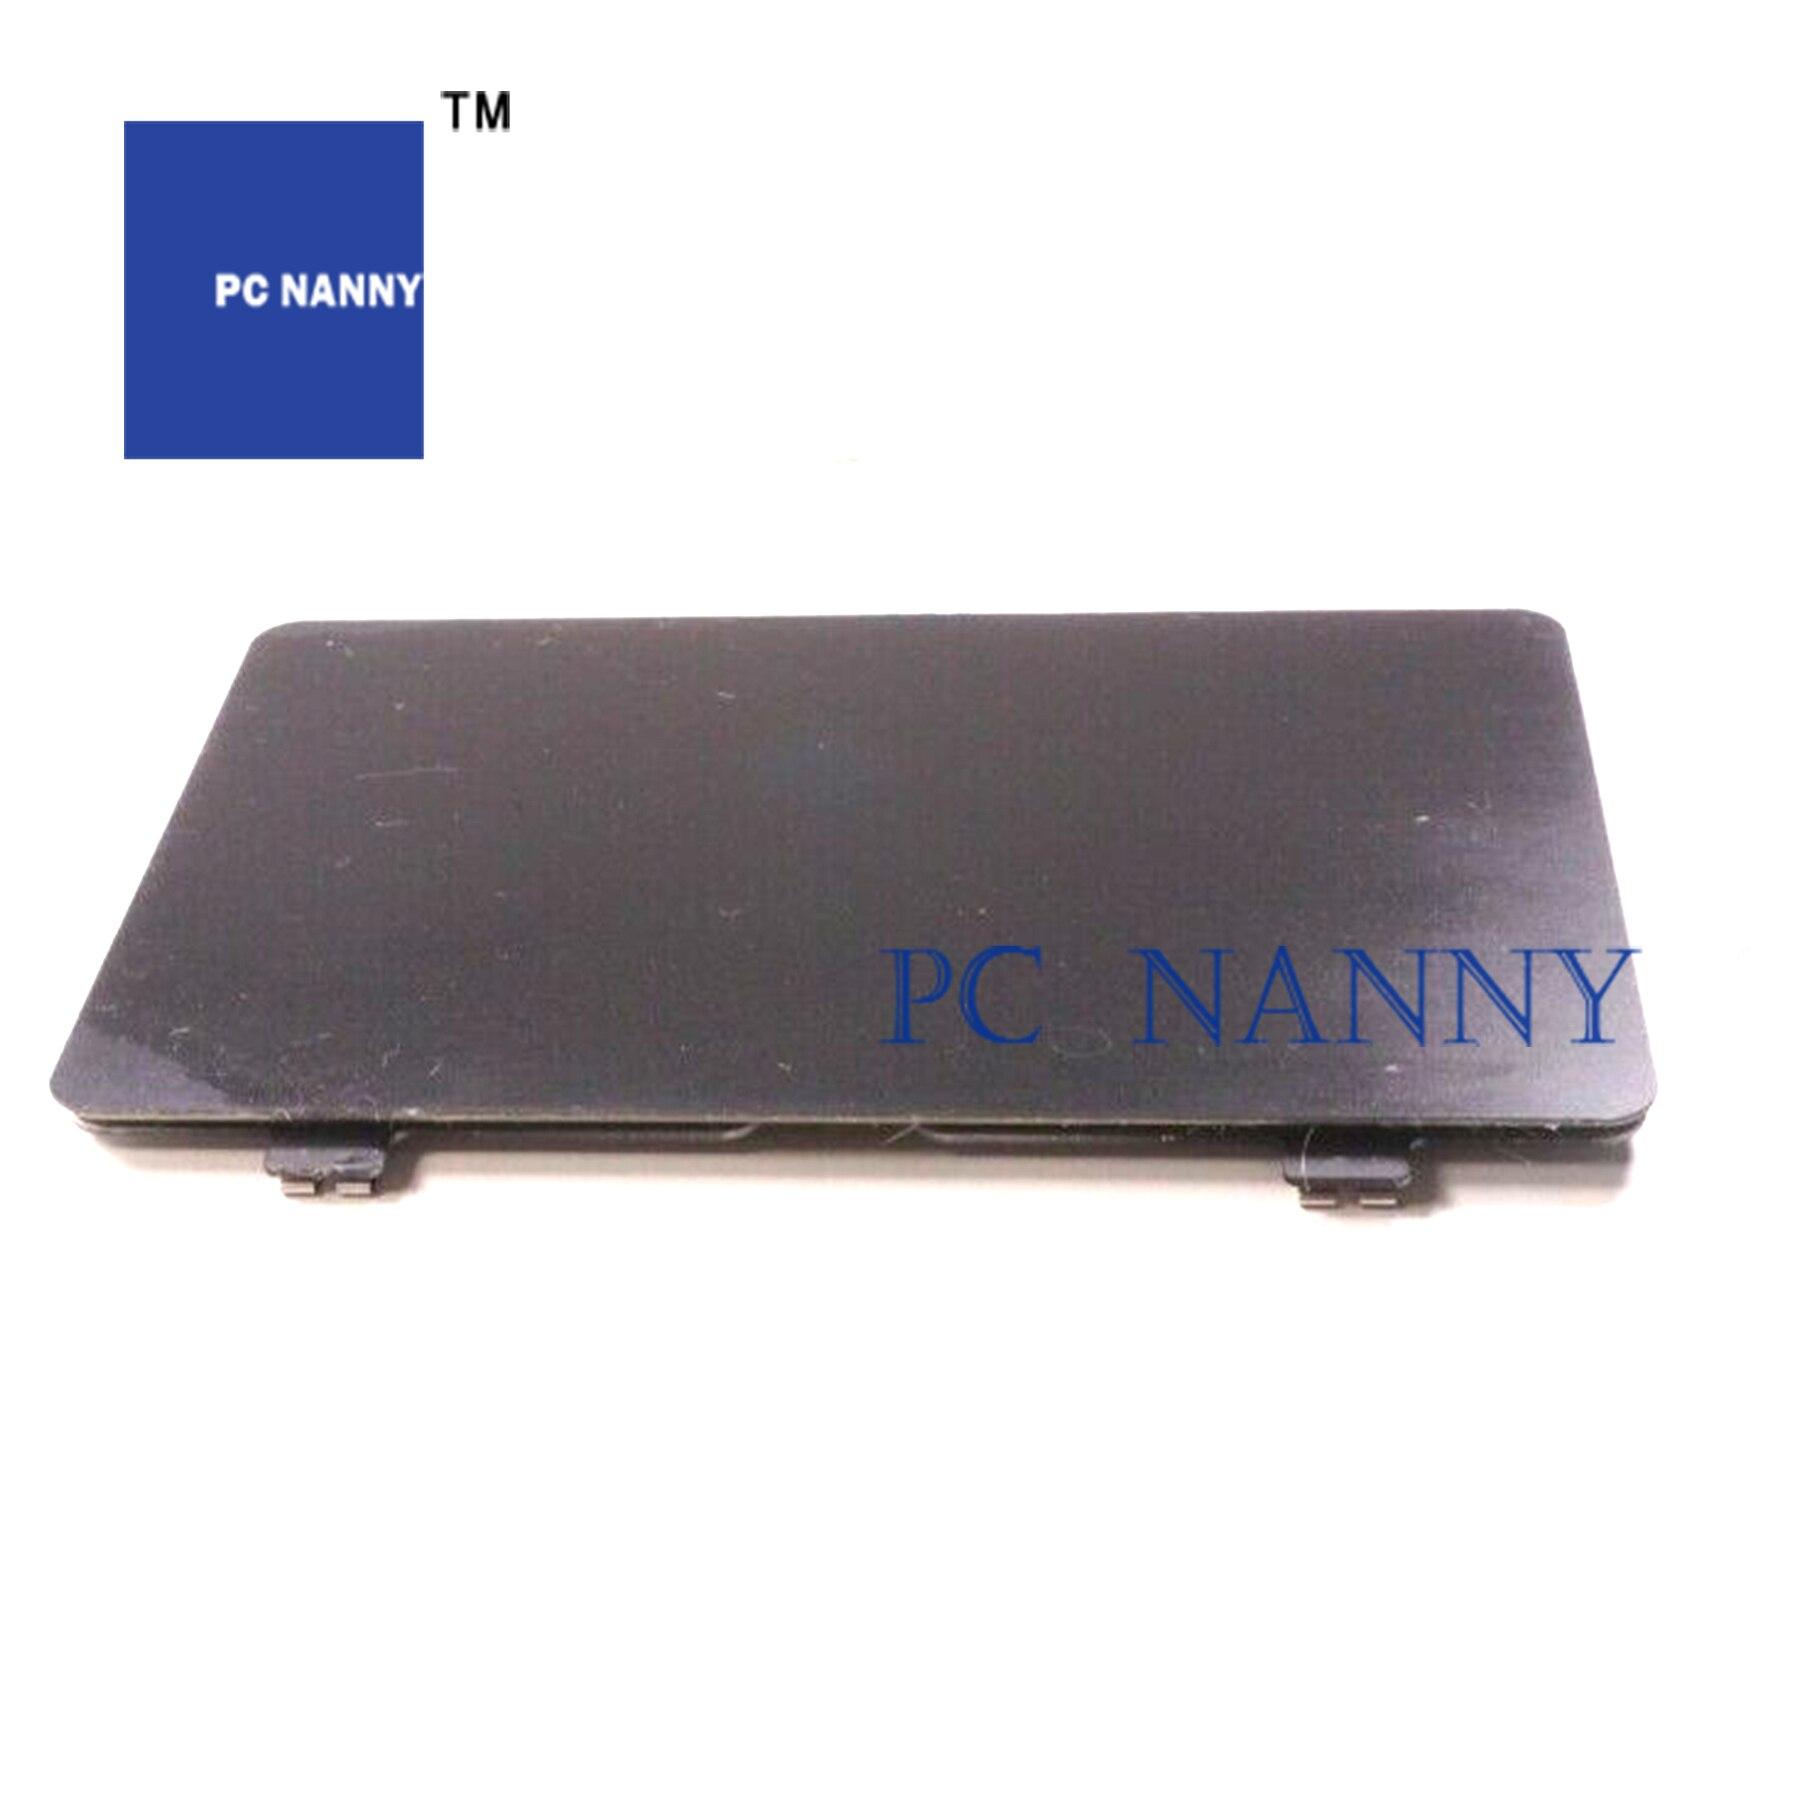 Pcnضغط لشركة أيسر أسباير R14 R5-471T R5-431T لوحة اللمس مكبرات الصوت LED مجلس lcd كابل 1414-0A7C000/G000